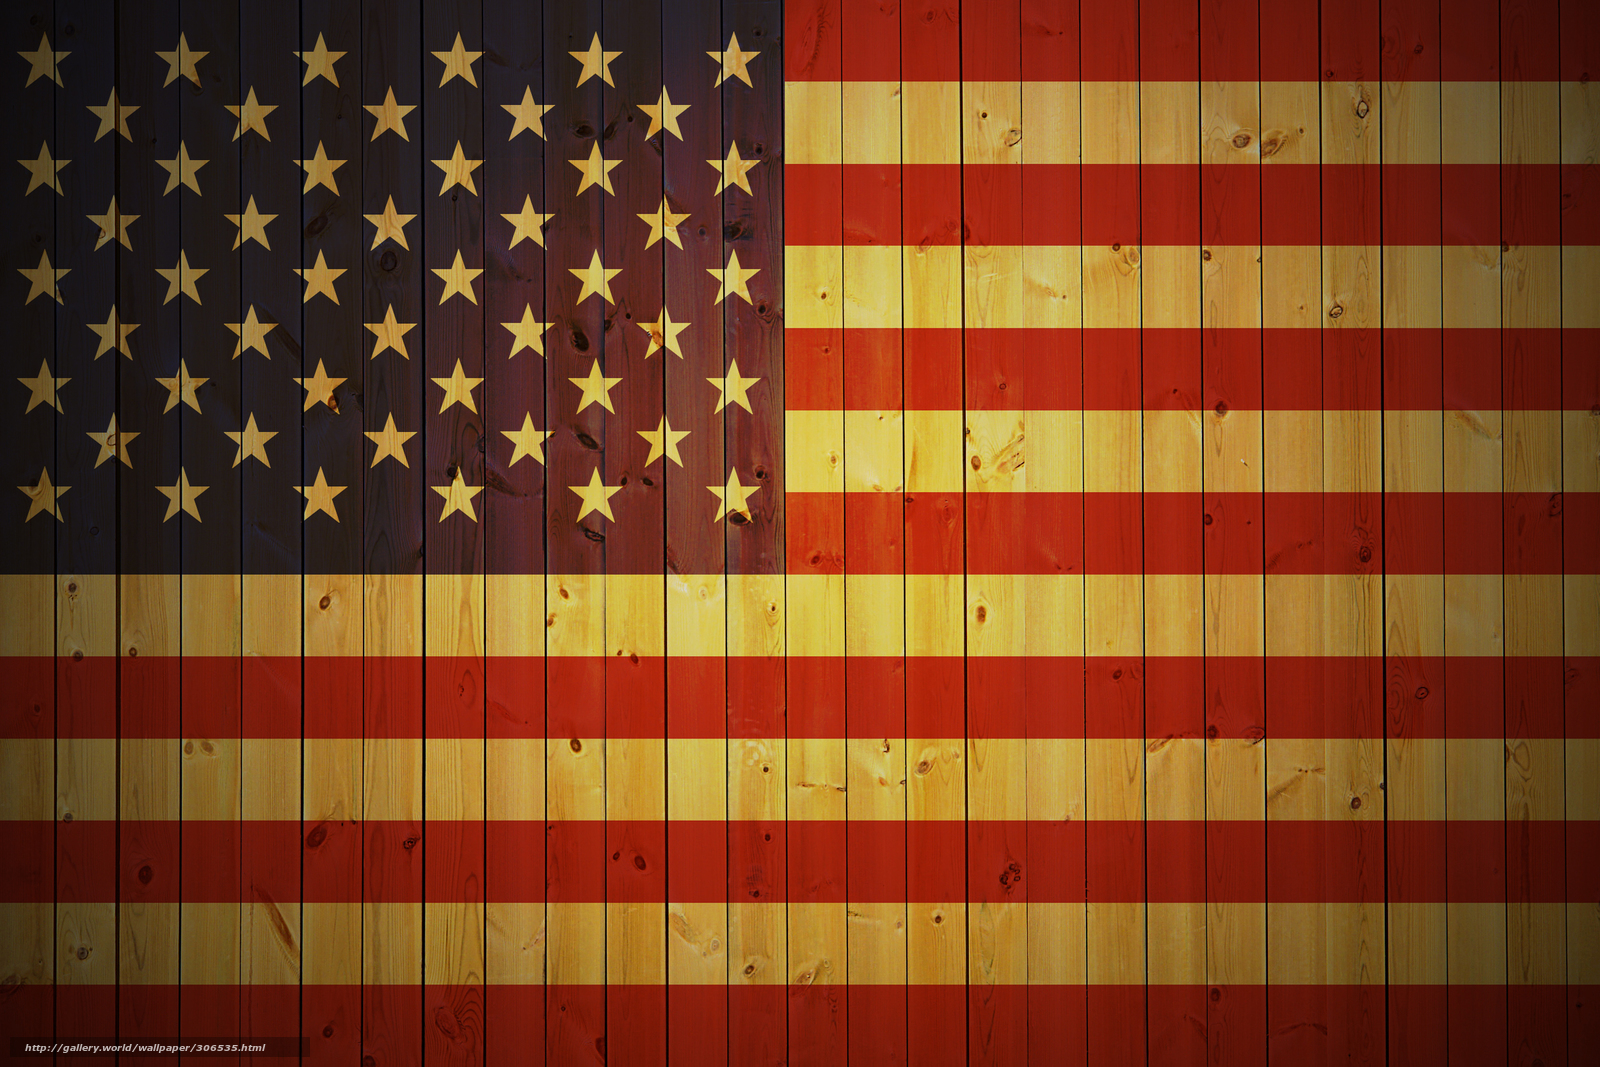 Tlcharger fond d 39 ecran style voir drapeau largeur fonds for Fond decran style